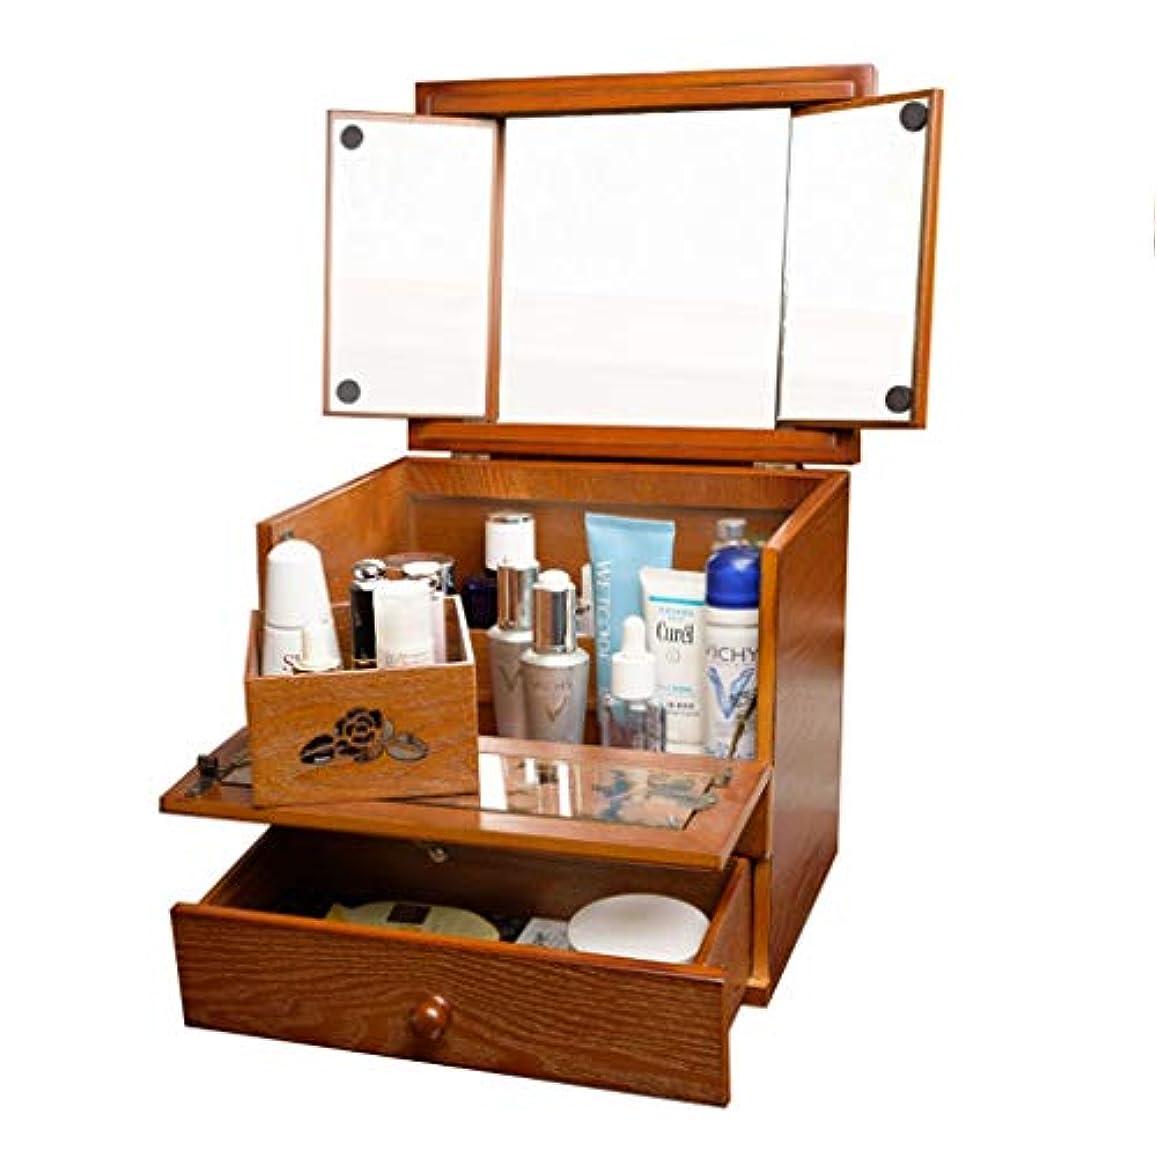 大型トラック注釈を付ける結び目メイクボックス 家庭化粧品収納ボックス木製大容量化粧箱鏡付きの小さなドレッシングテーブル (Color : Brown, Size : 27.5x22.5x32.5cm)